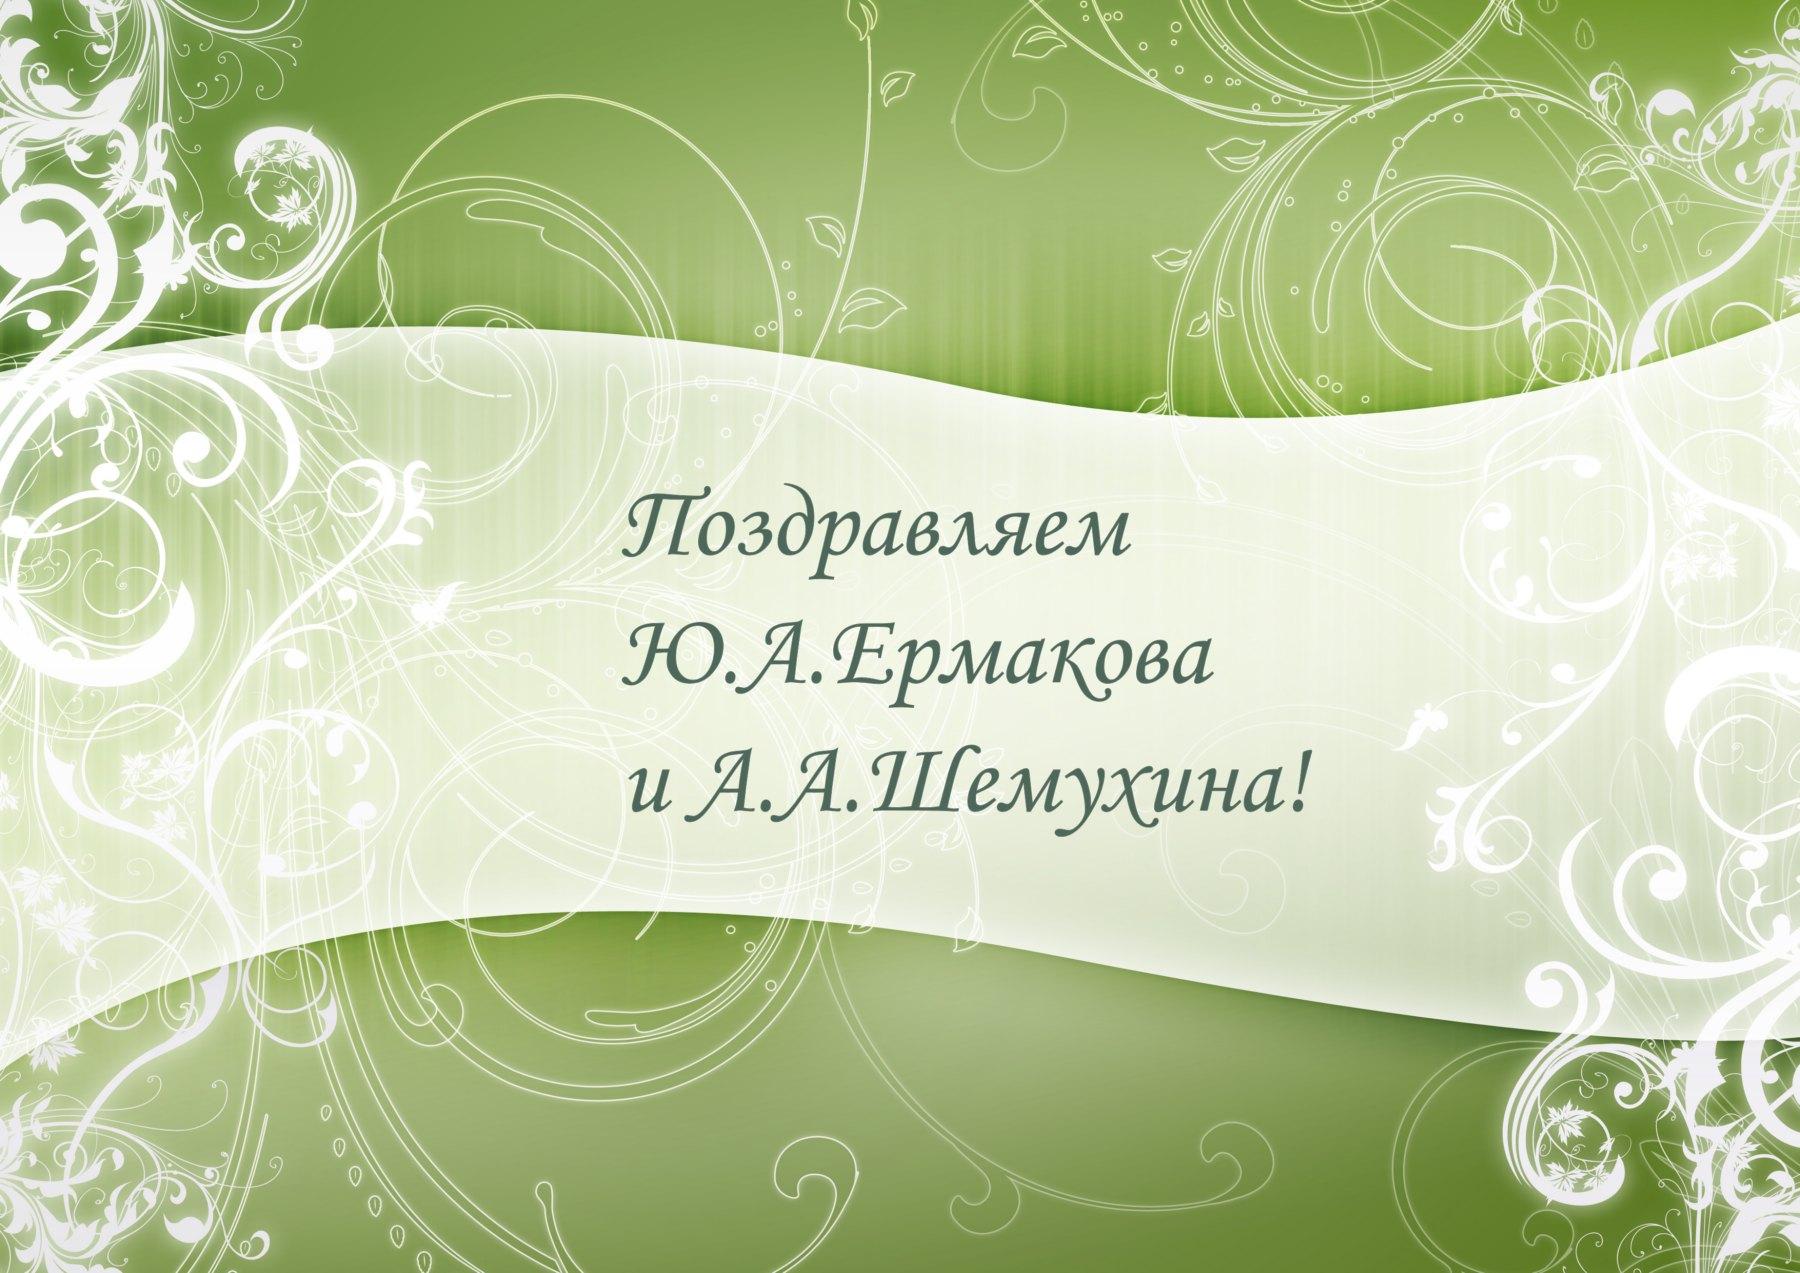 Поздравляем Ю.А.Ермакова и А.А.Шемухина с защитой диссертаций!